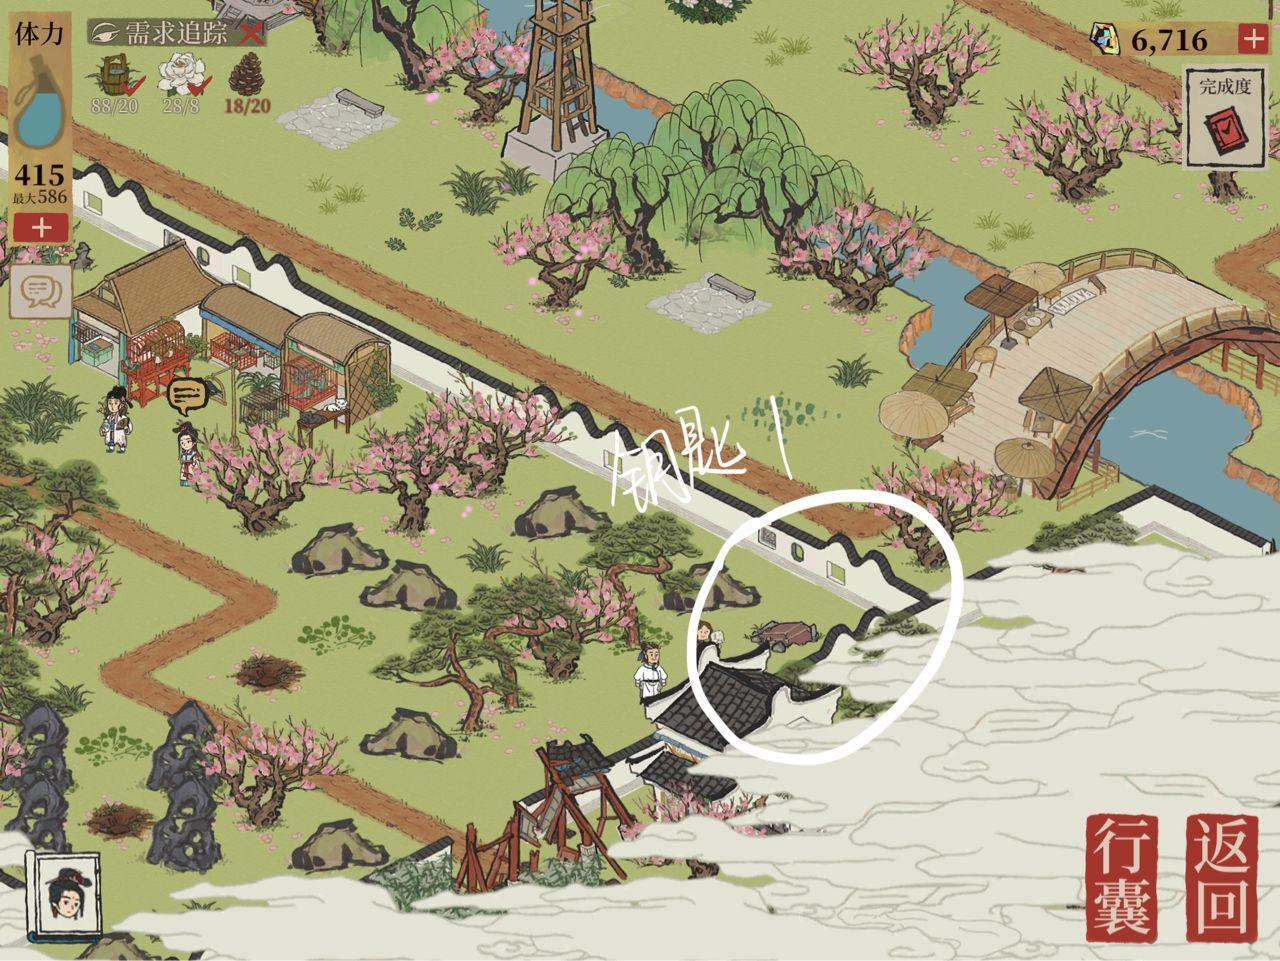 江南百景图桃花坞探索攻略大全 宝箱、钥匙及废墟位置汇总